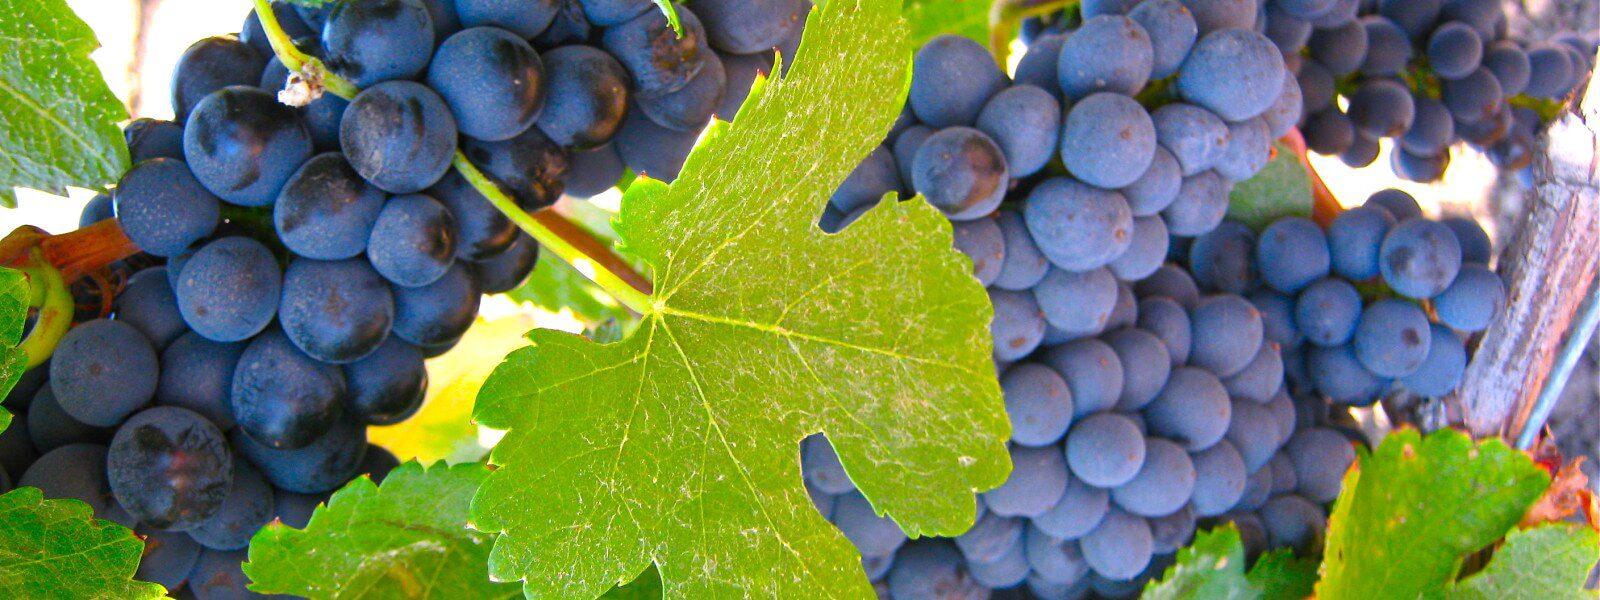 Concord grapes on a vine.